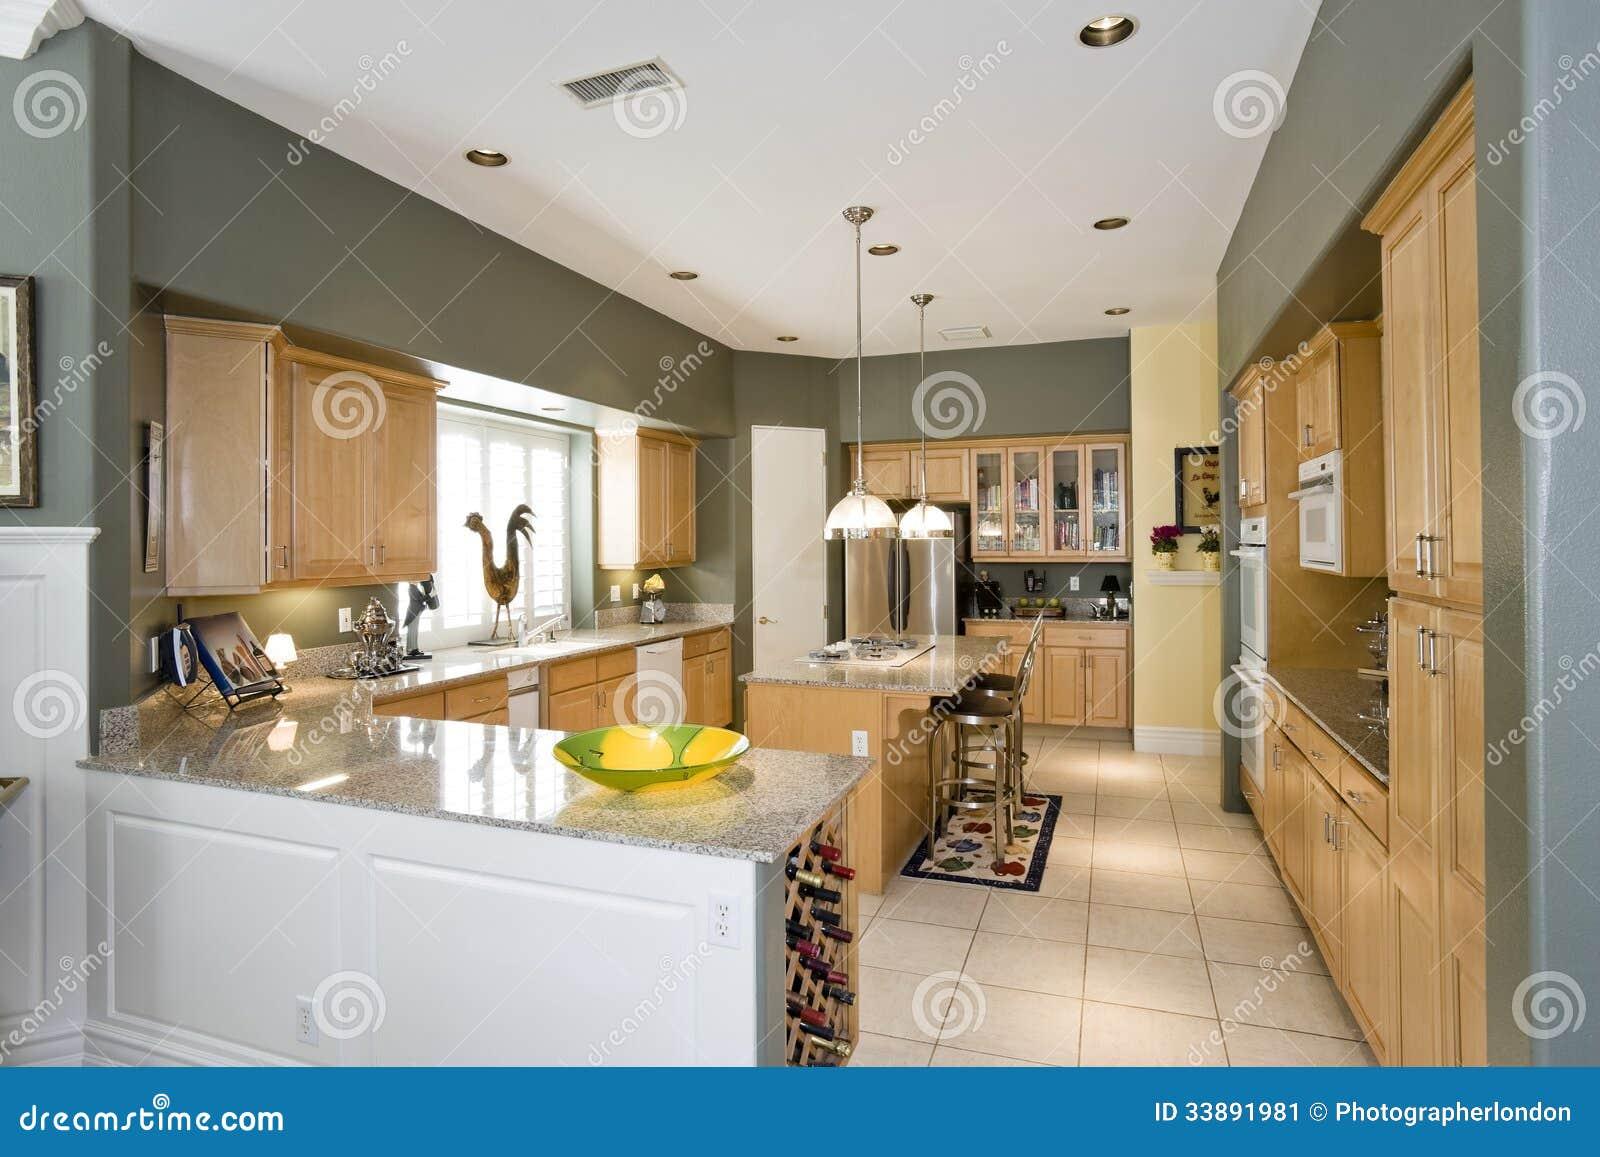 Moderne Küche Mit Schemeln In Insel Im Haus Stockbild - Bild von ...